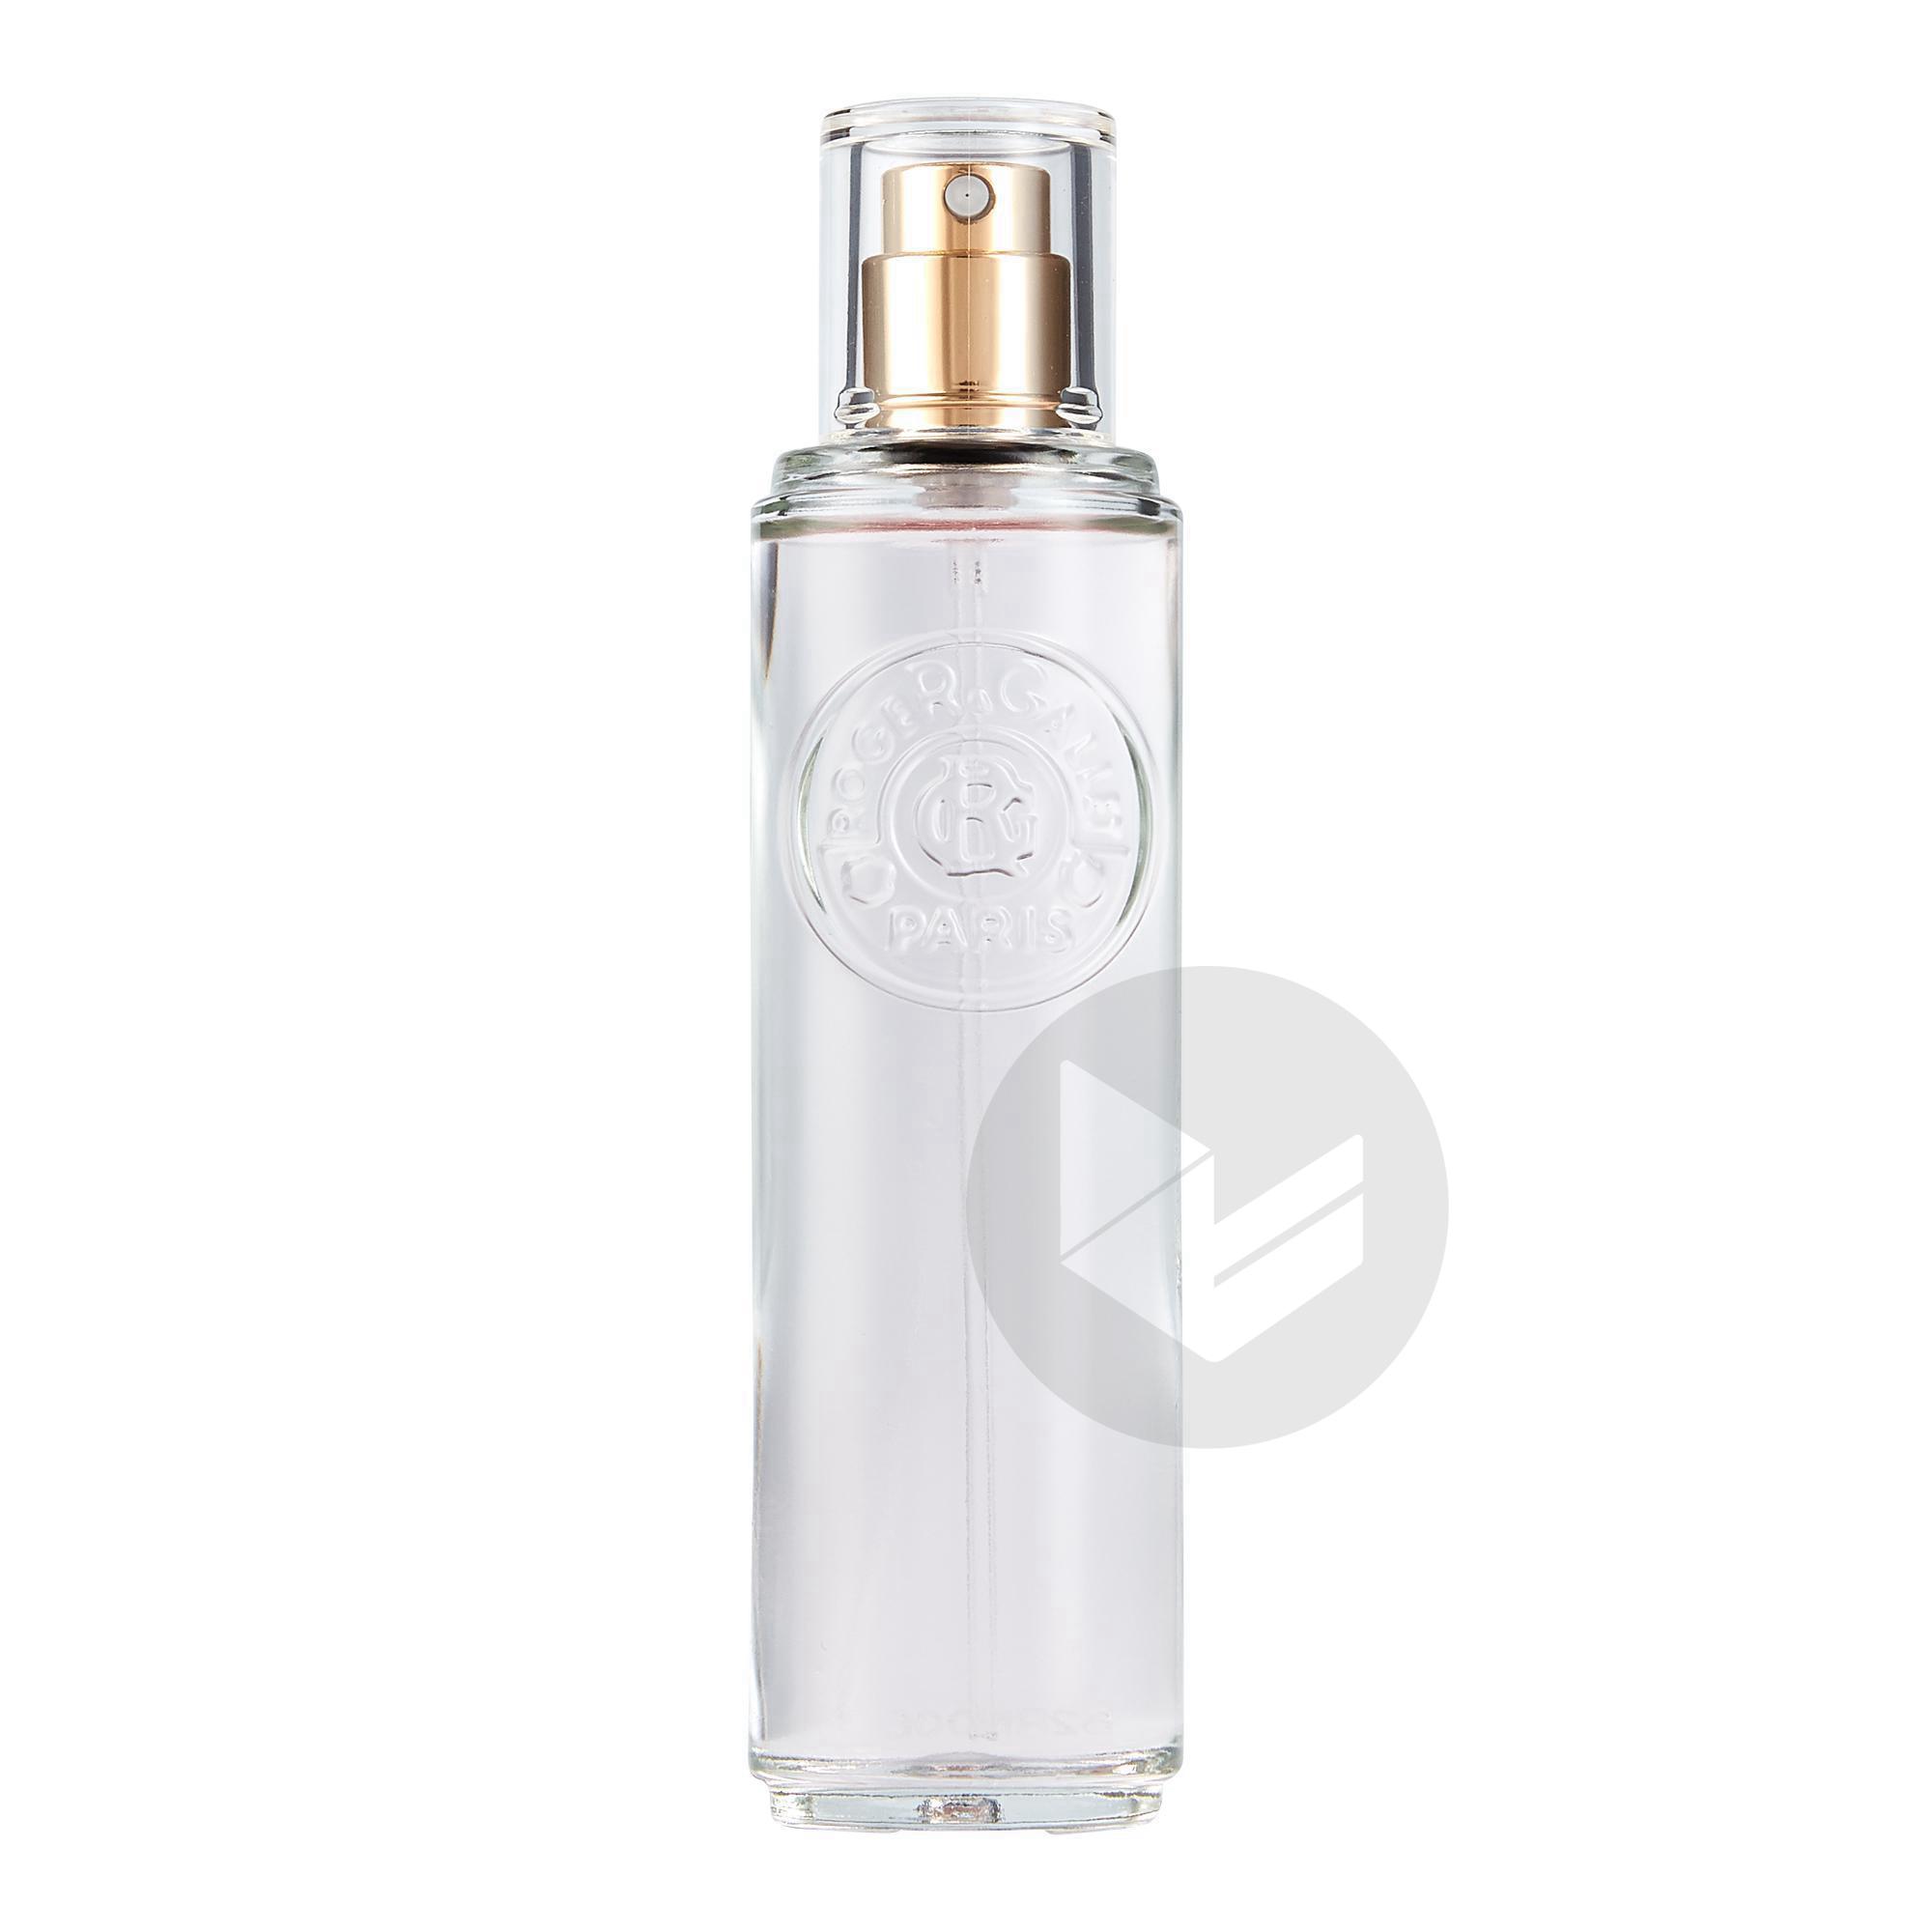 Fleur De Figuier Eau Fraiche Parfumee Bienfaisante Vaporisateur 30 Ml